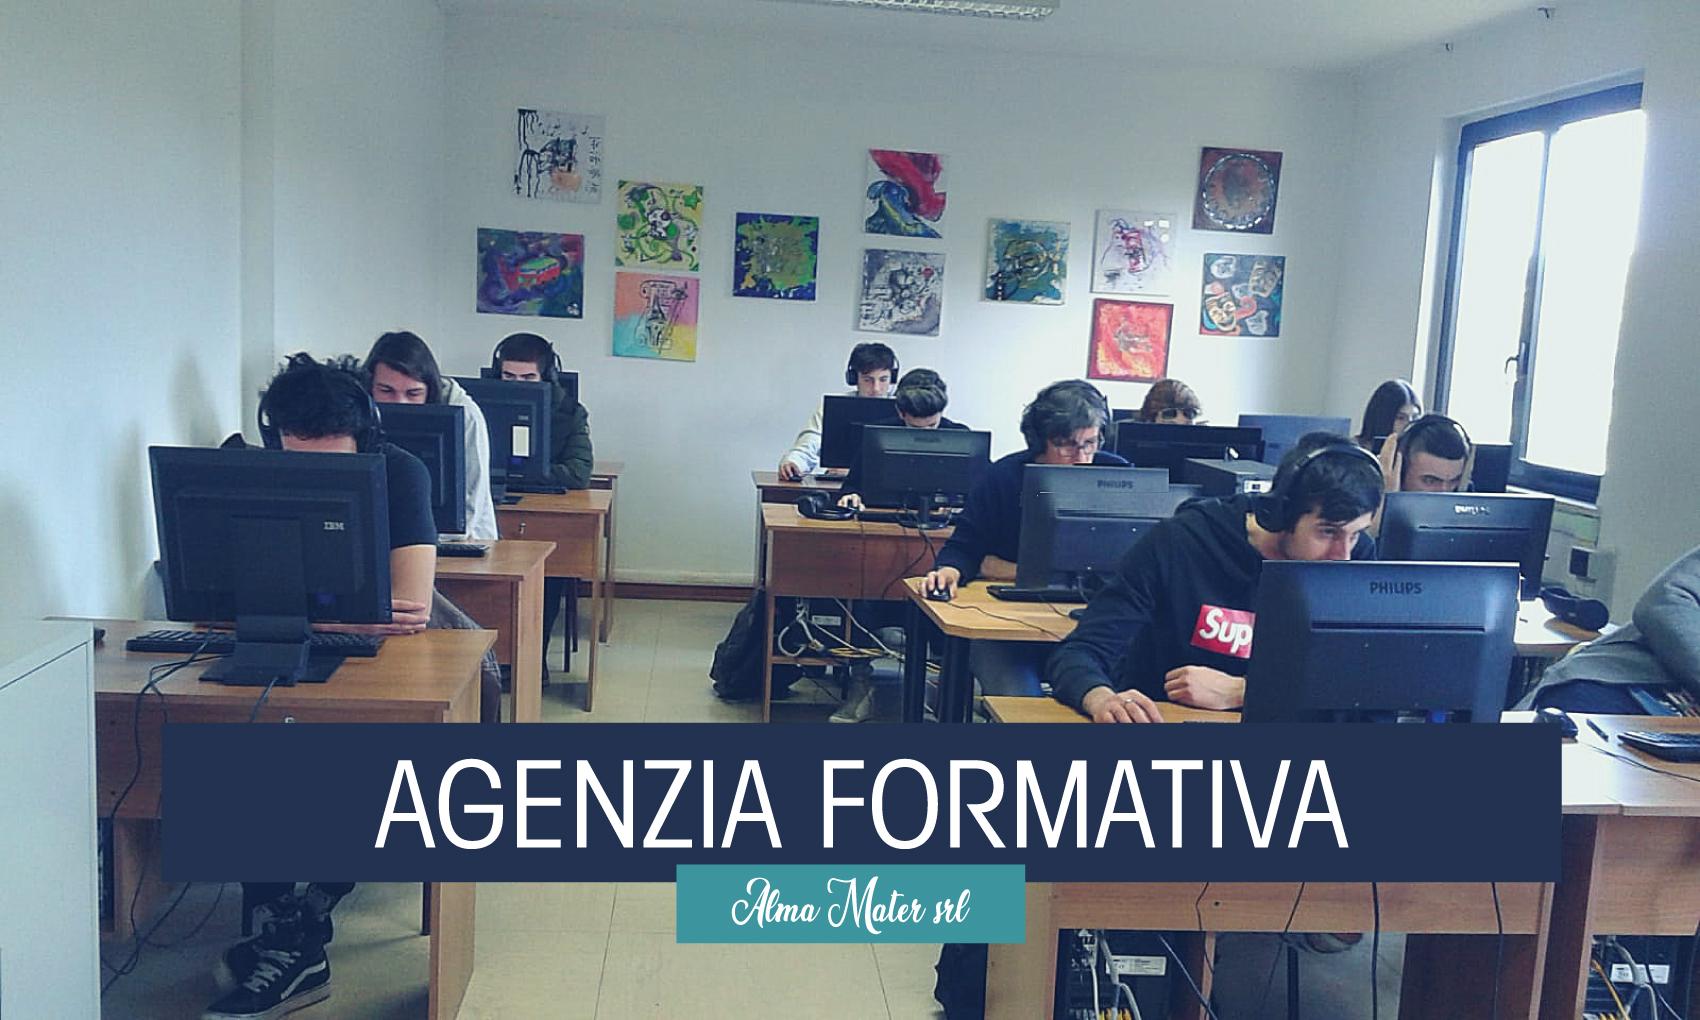 agenzia-formativa-alma-mater-srl-piombino